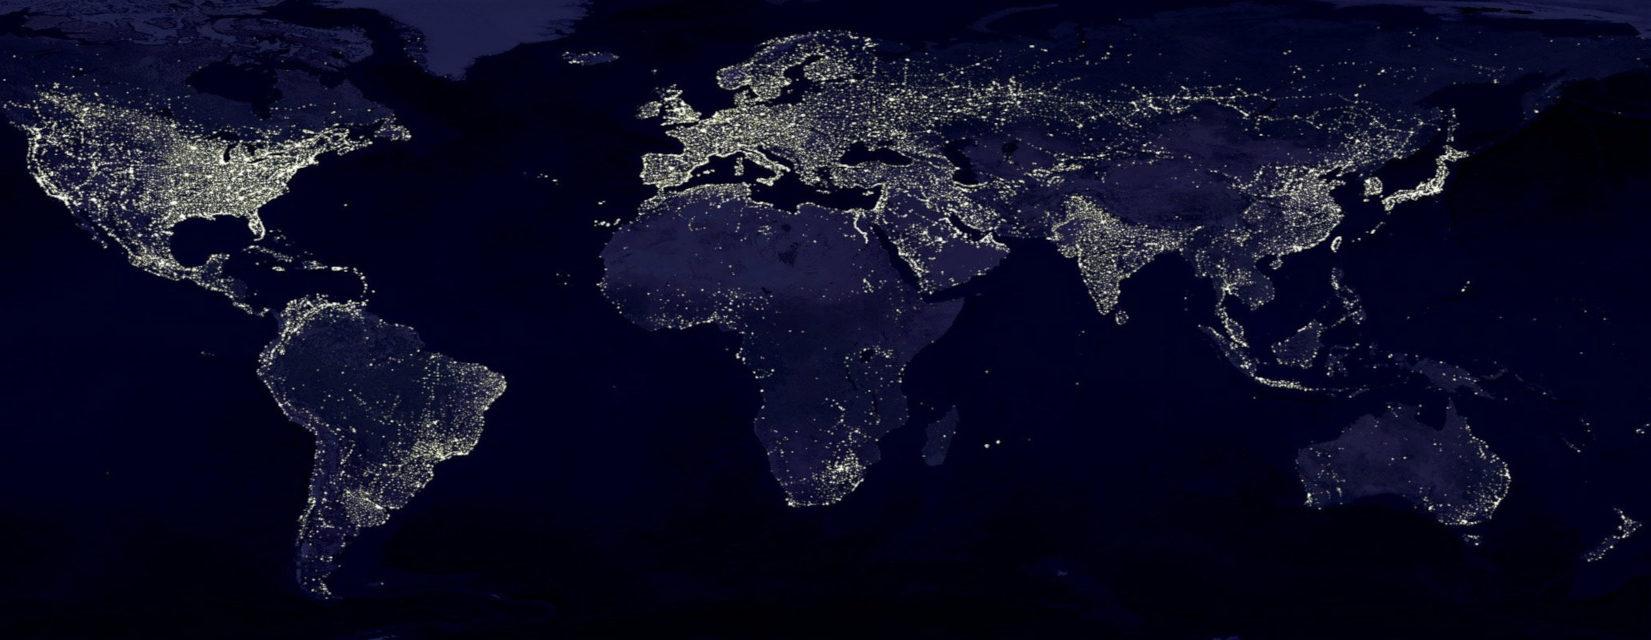 Header Image - 1,1 Milliarden Menschen haben keinen Zugang zu elektrischem Strom